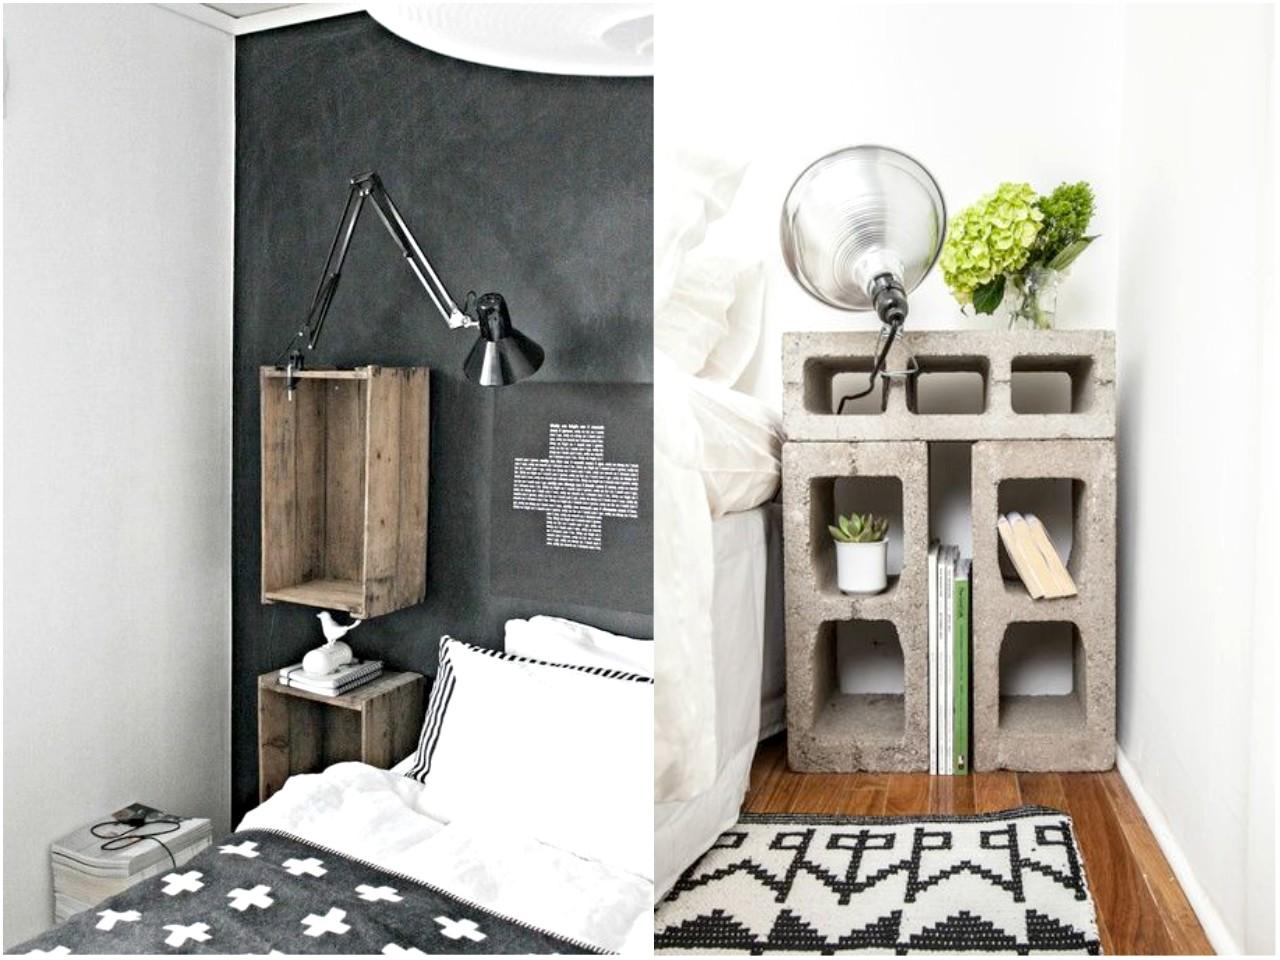 Dormitorios estilo industrial en 7 sencillos pasos for Programa para decorar habitaciones